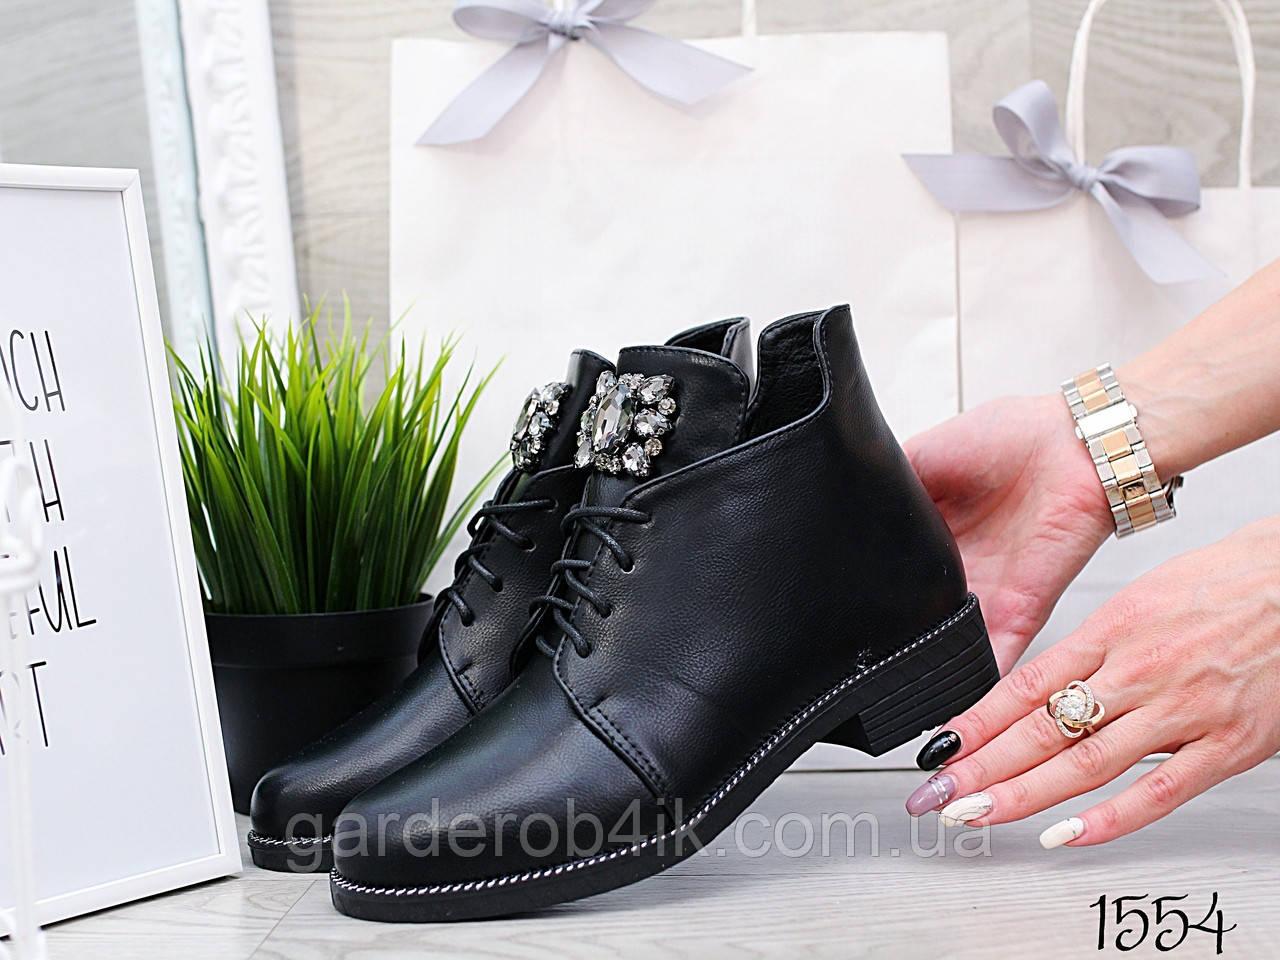 Женские весенние ботинки